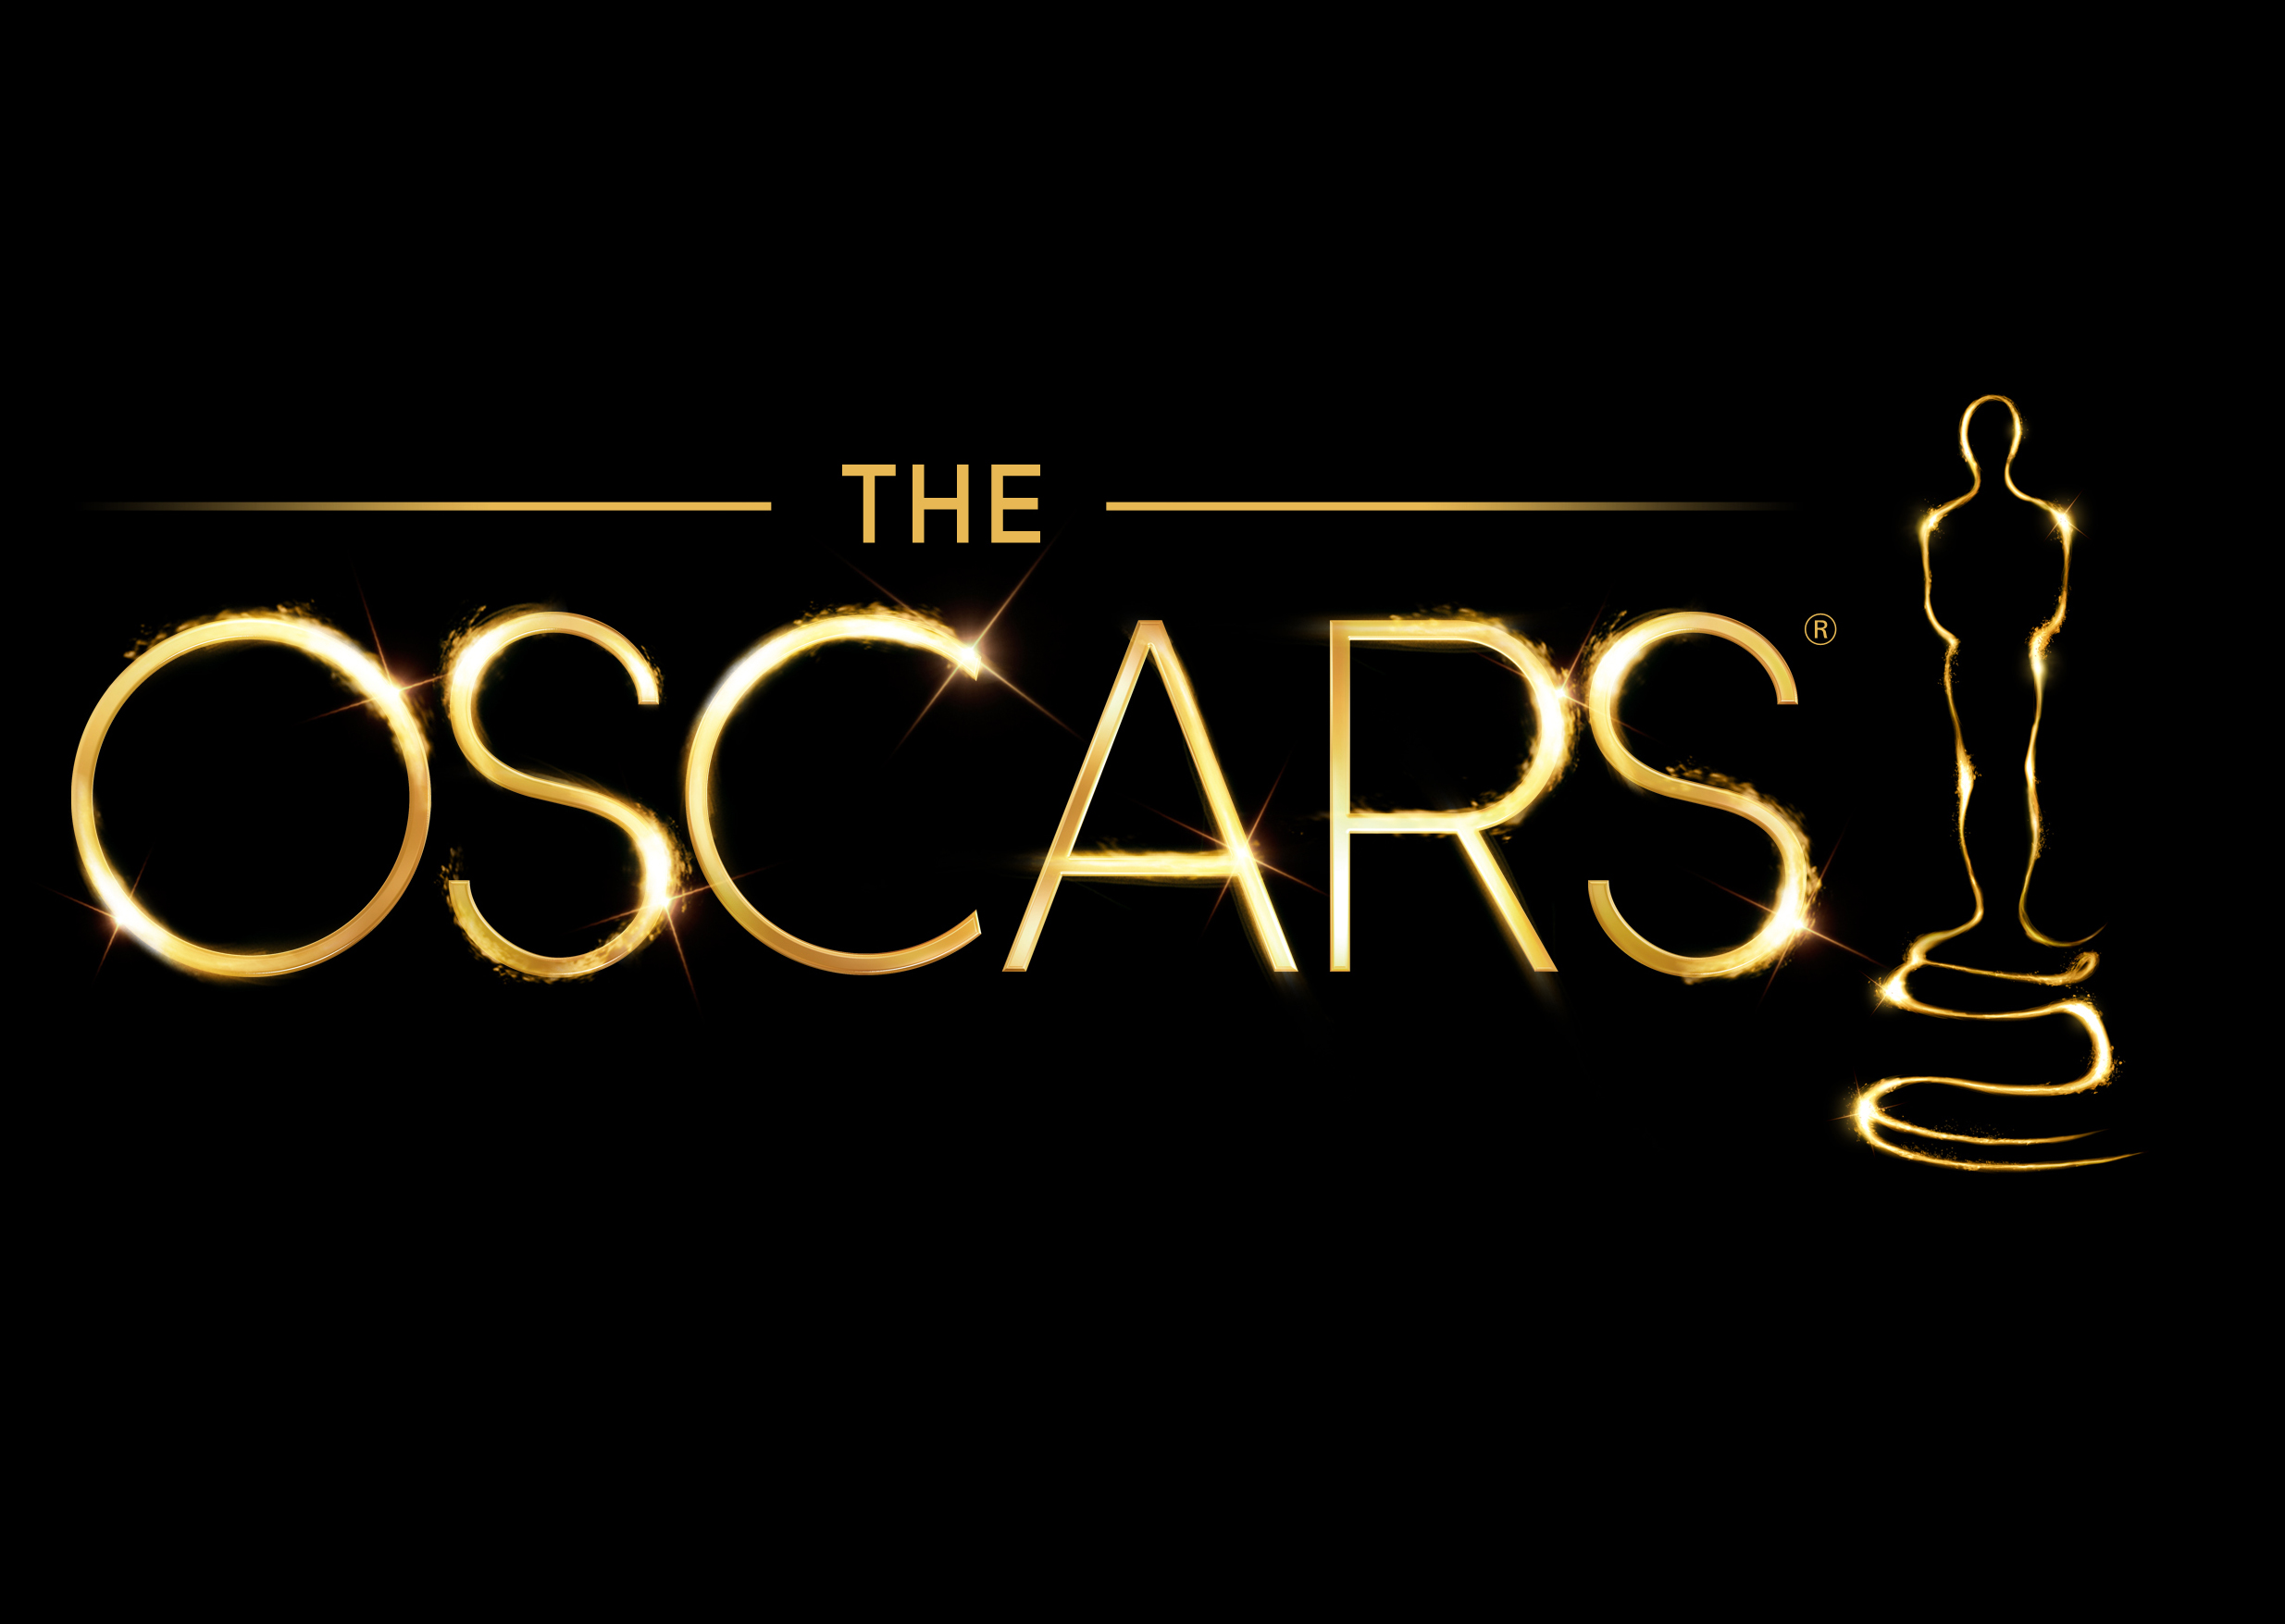 Oscary 2015: 10 nieśpiesznych refleksji